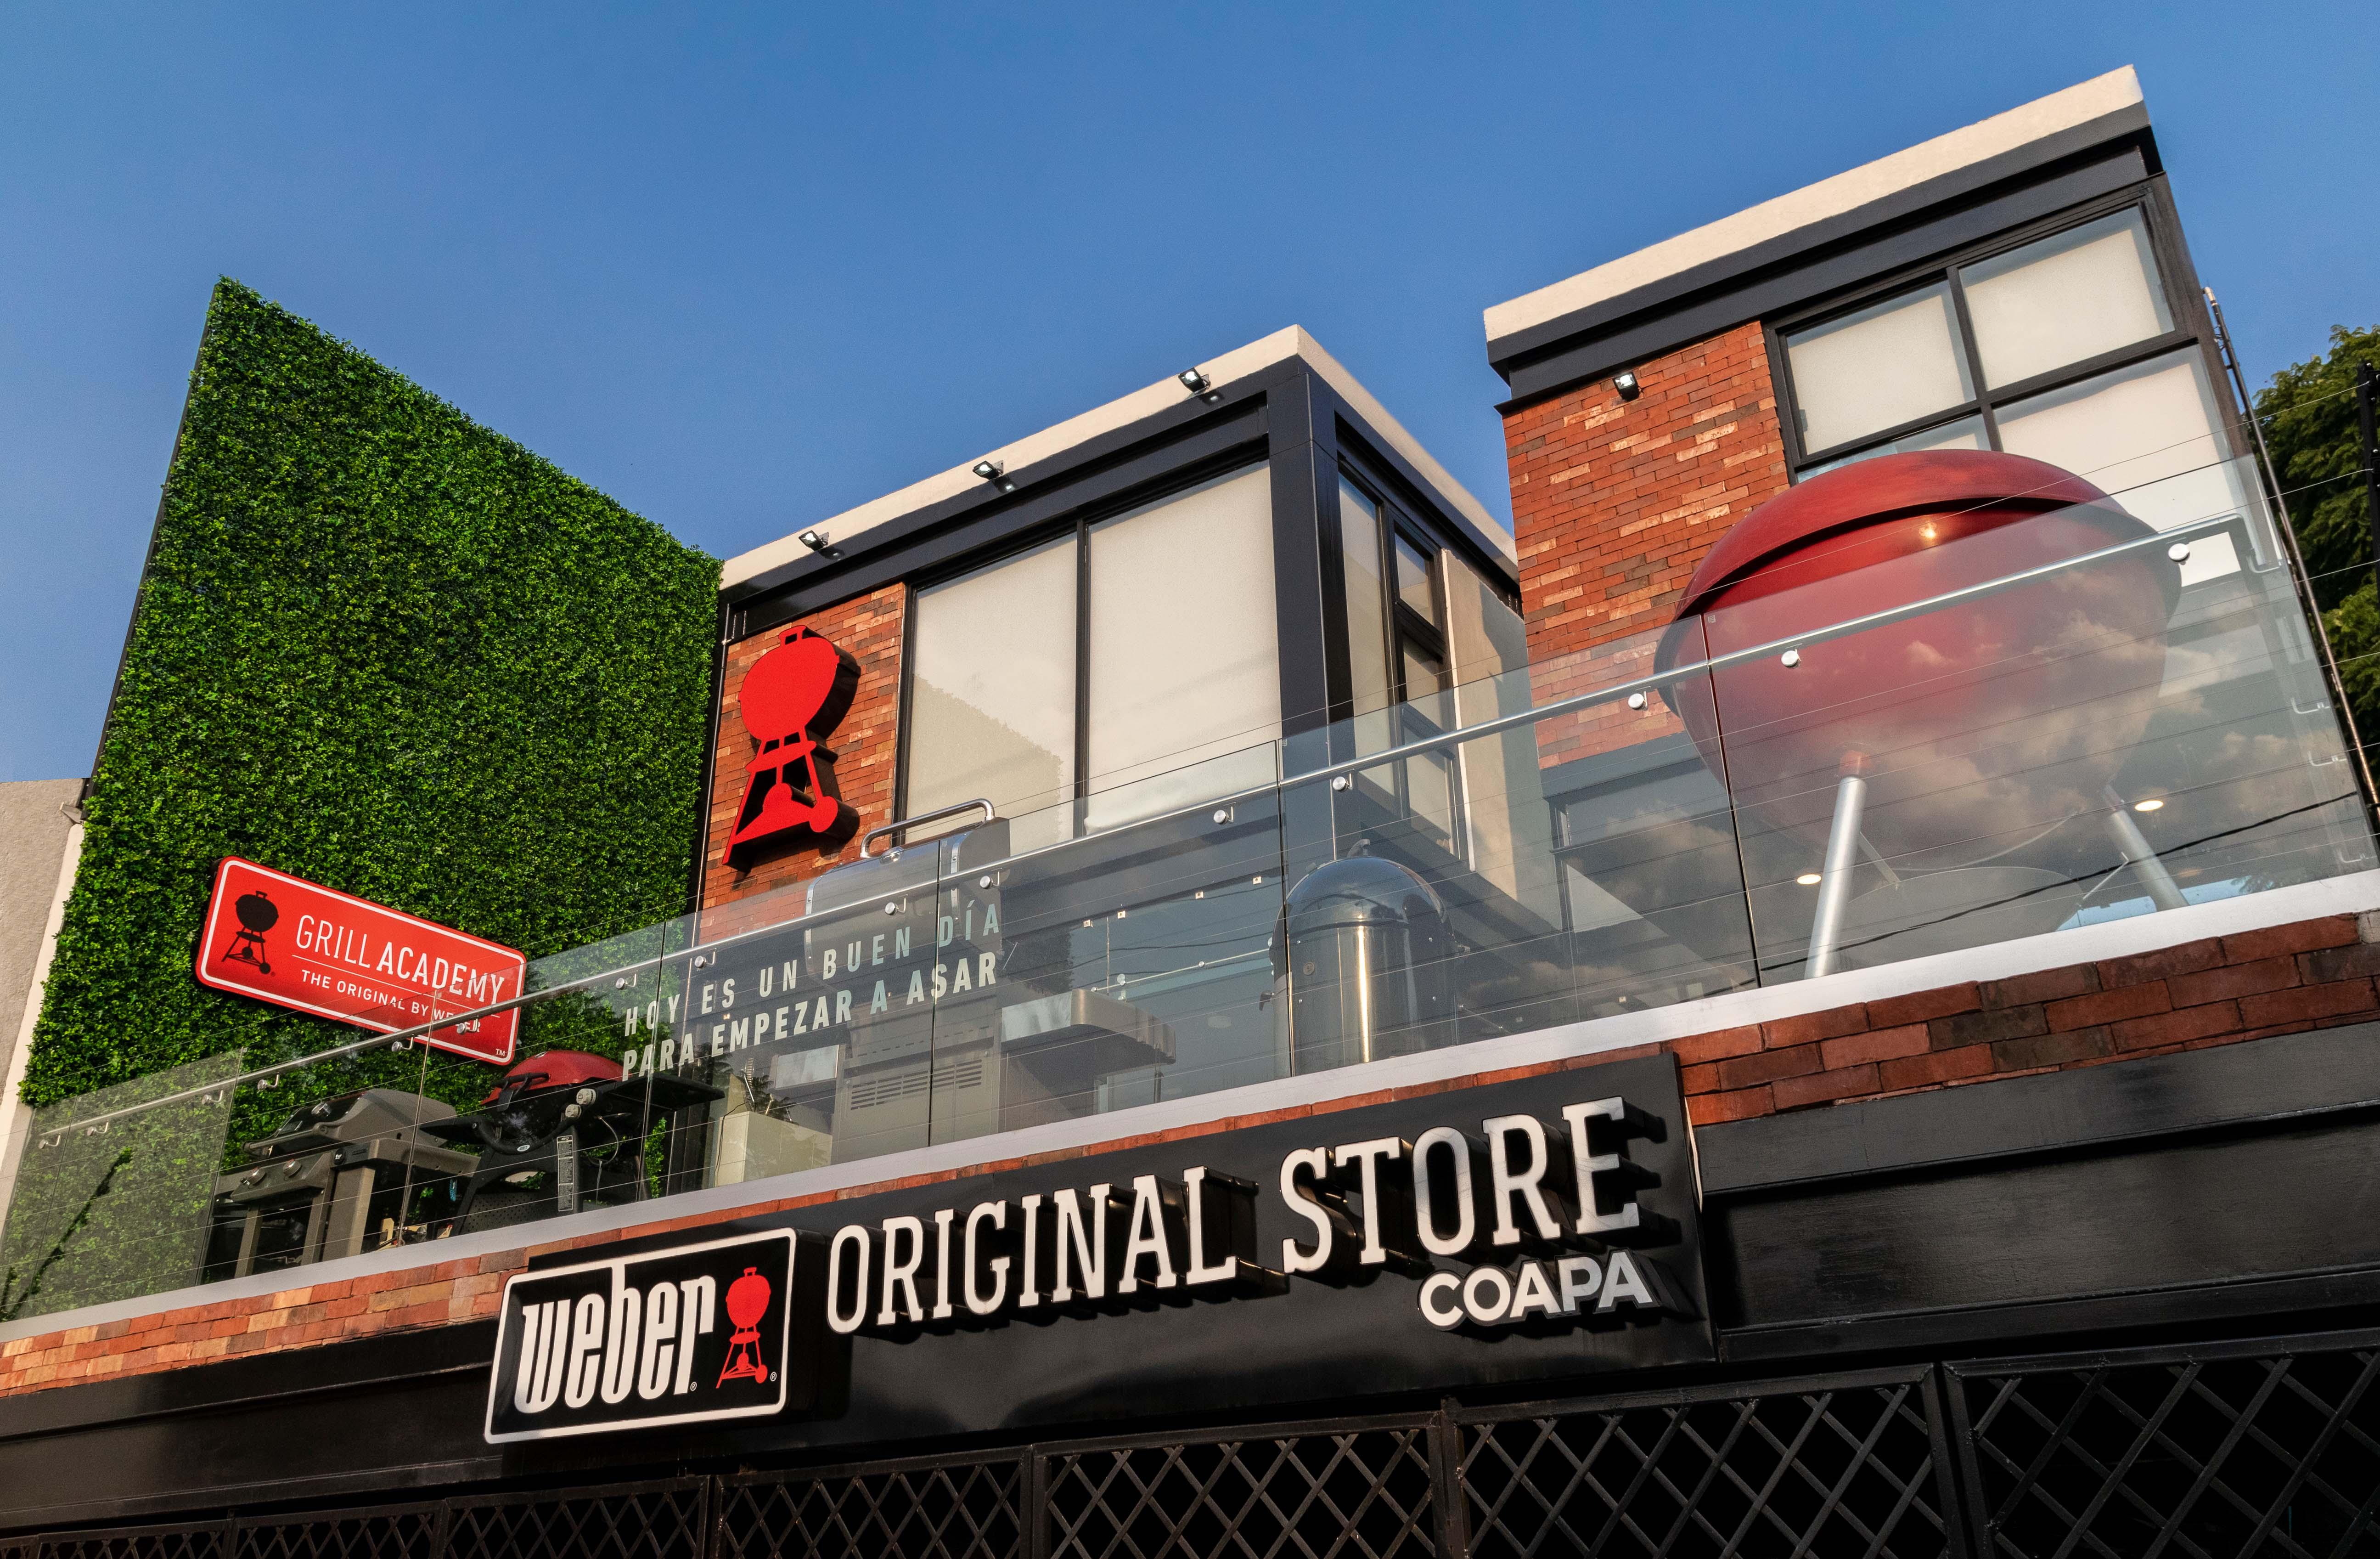 Weber Original Store Coapa